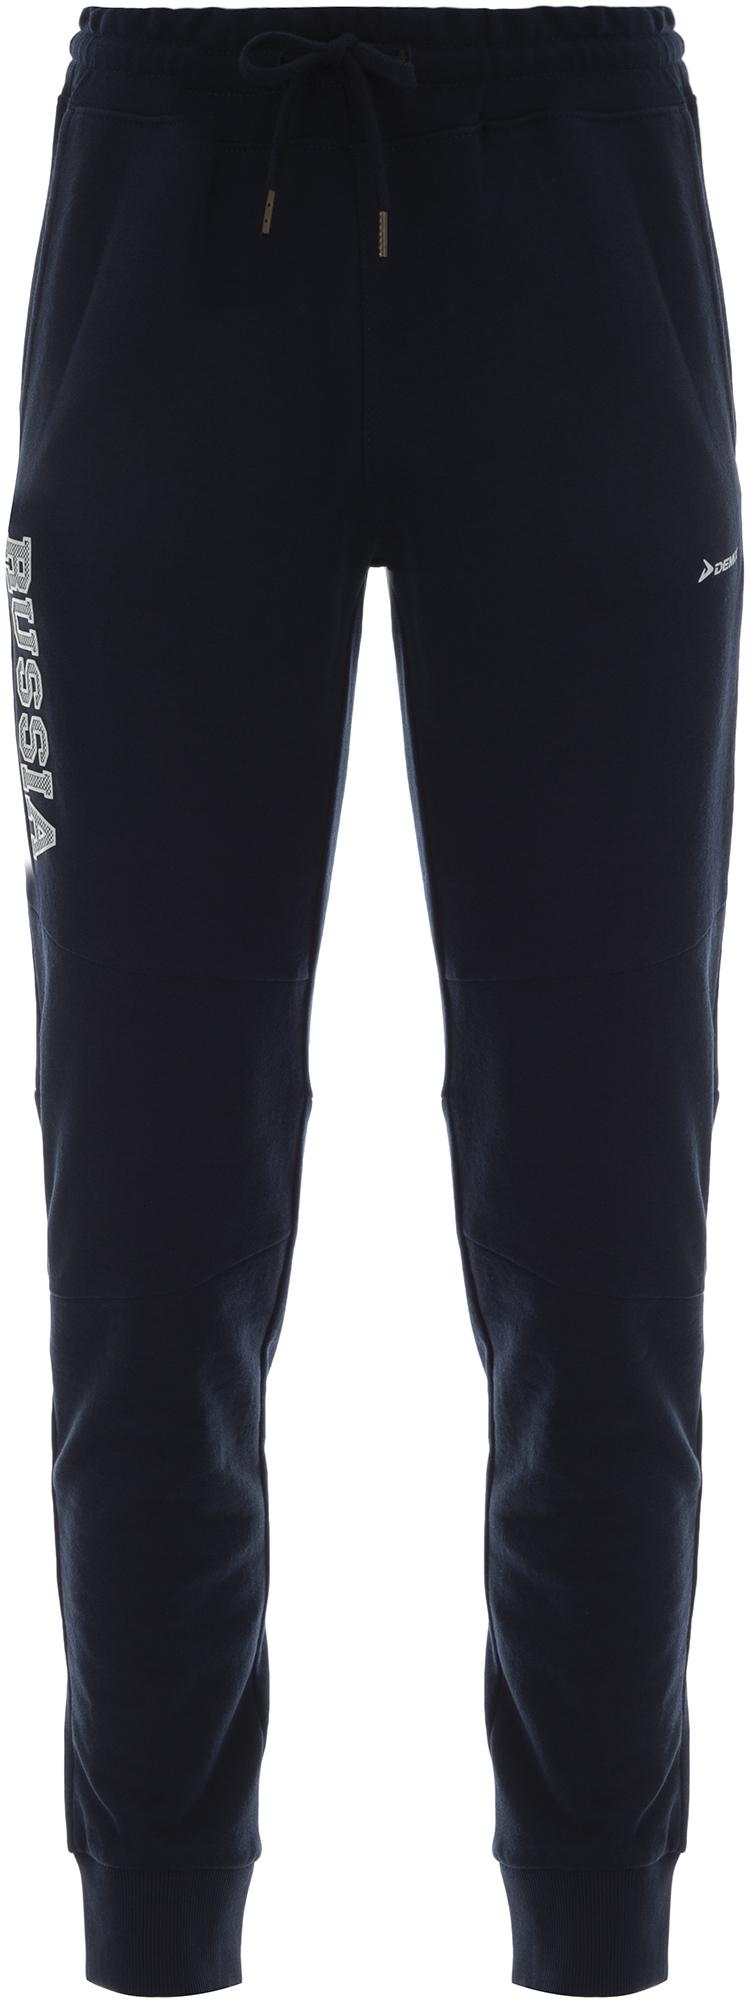 Demix Брюки мужские Demix, размер 58 брюки спортивные мужские red n rock s цвет черный 21m rr 519 размер 58